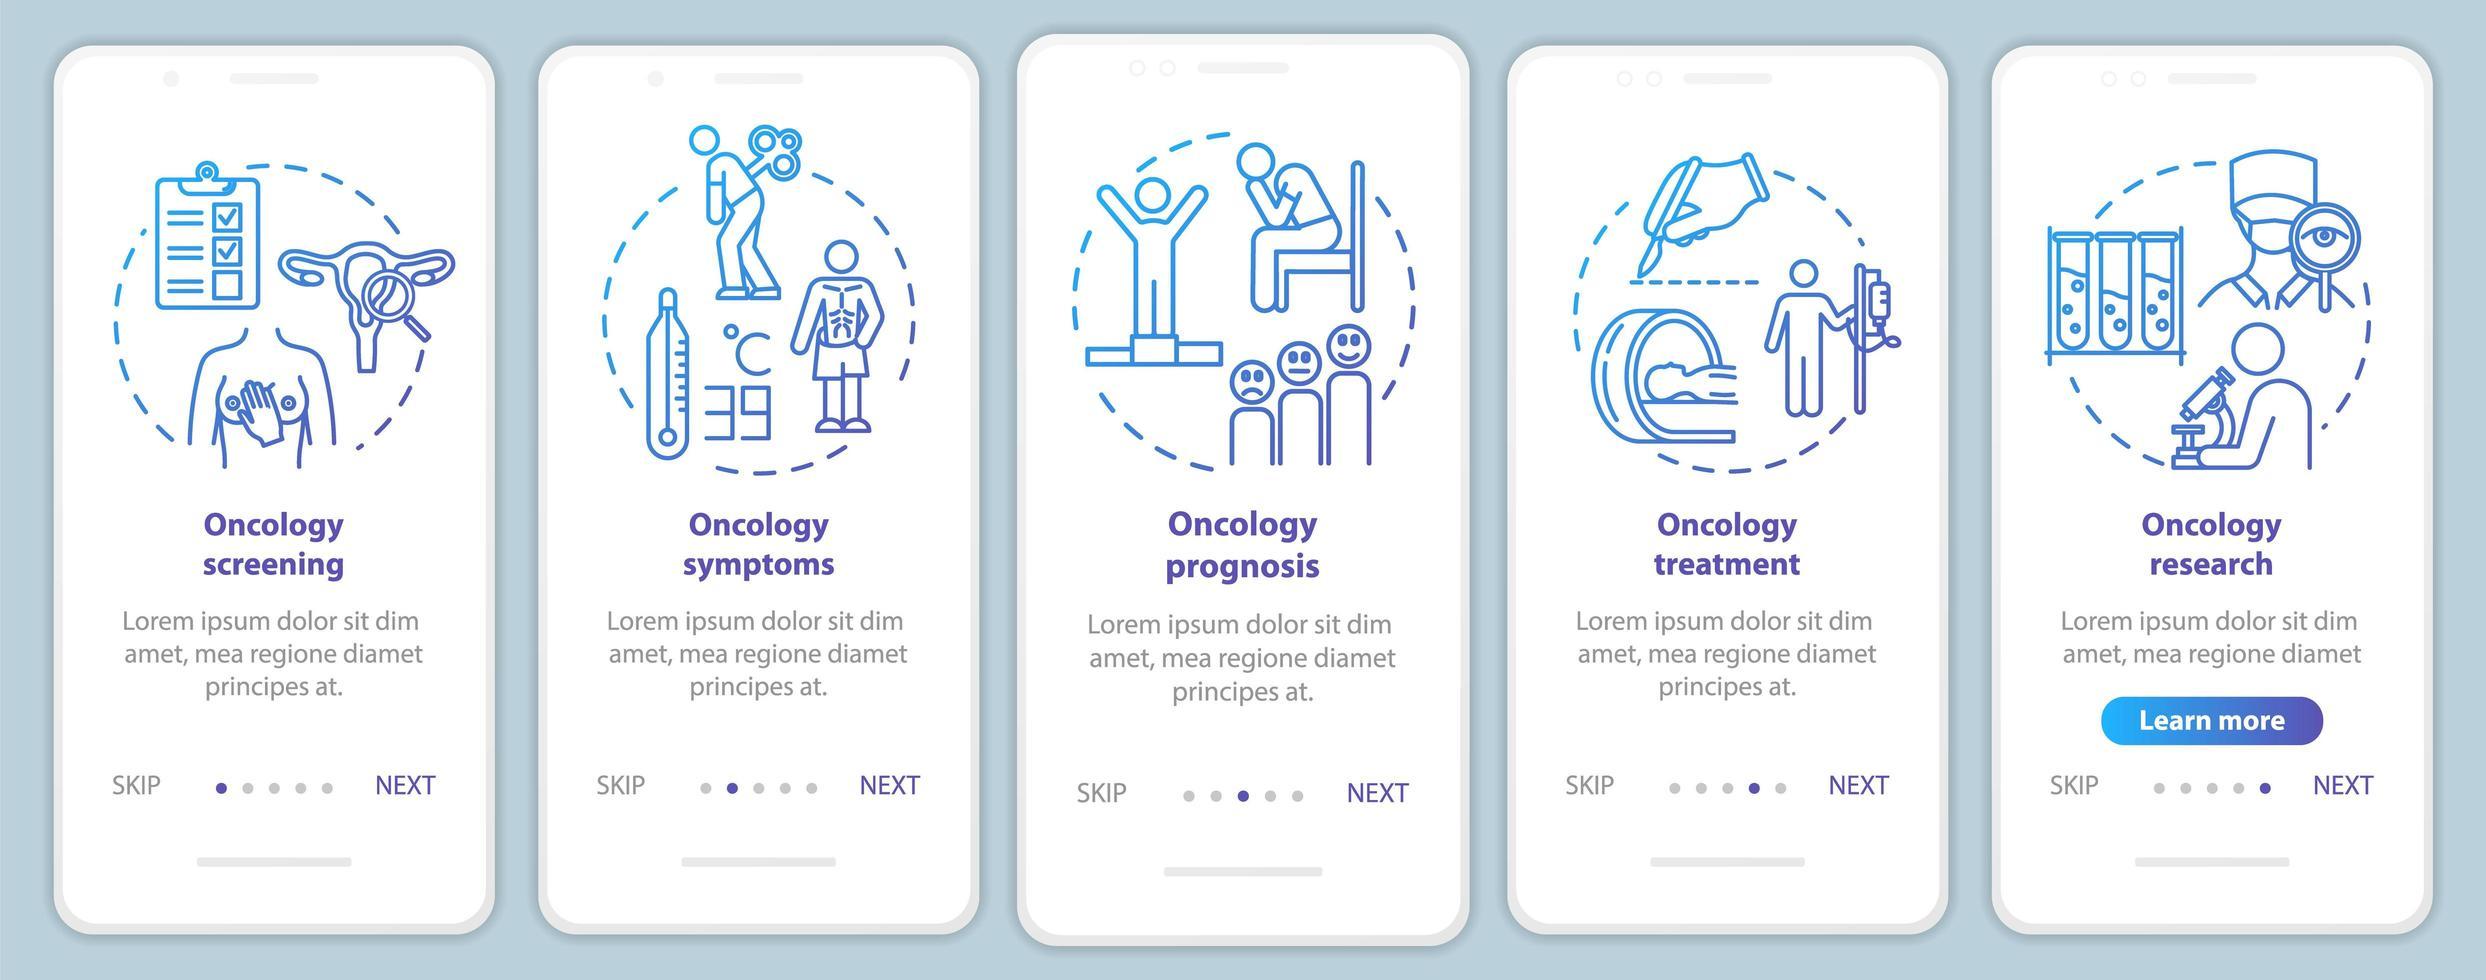 Onkologie Onboarding Mobile App Seite Bildschirm vektor